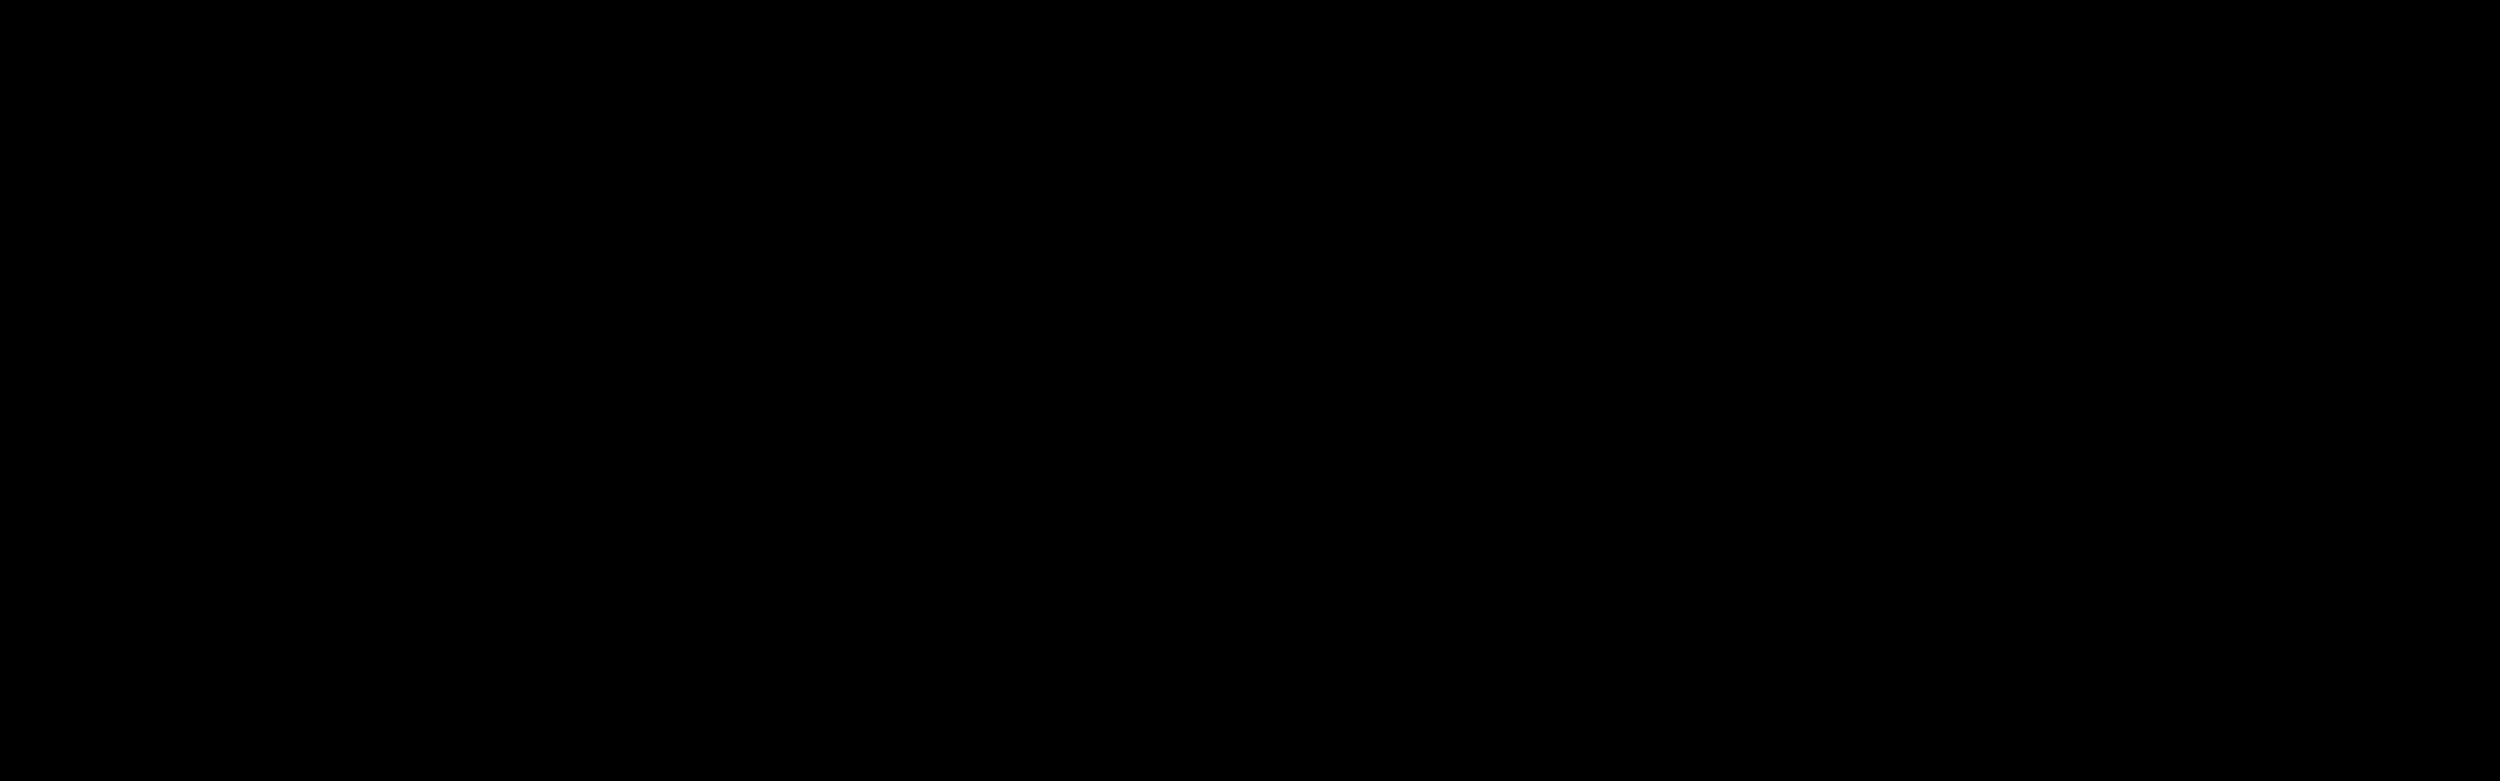 Spenn_logo_k_3000px.png